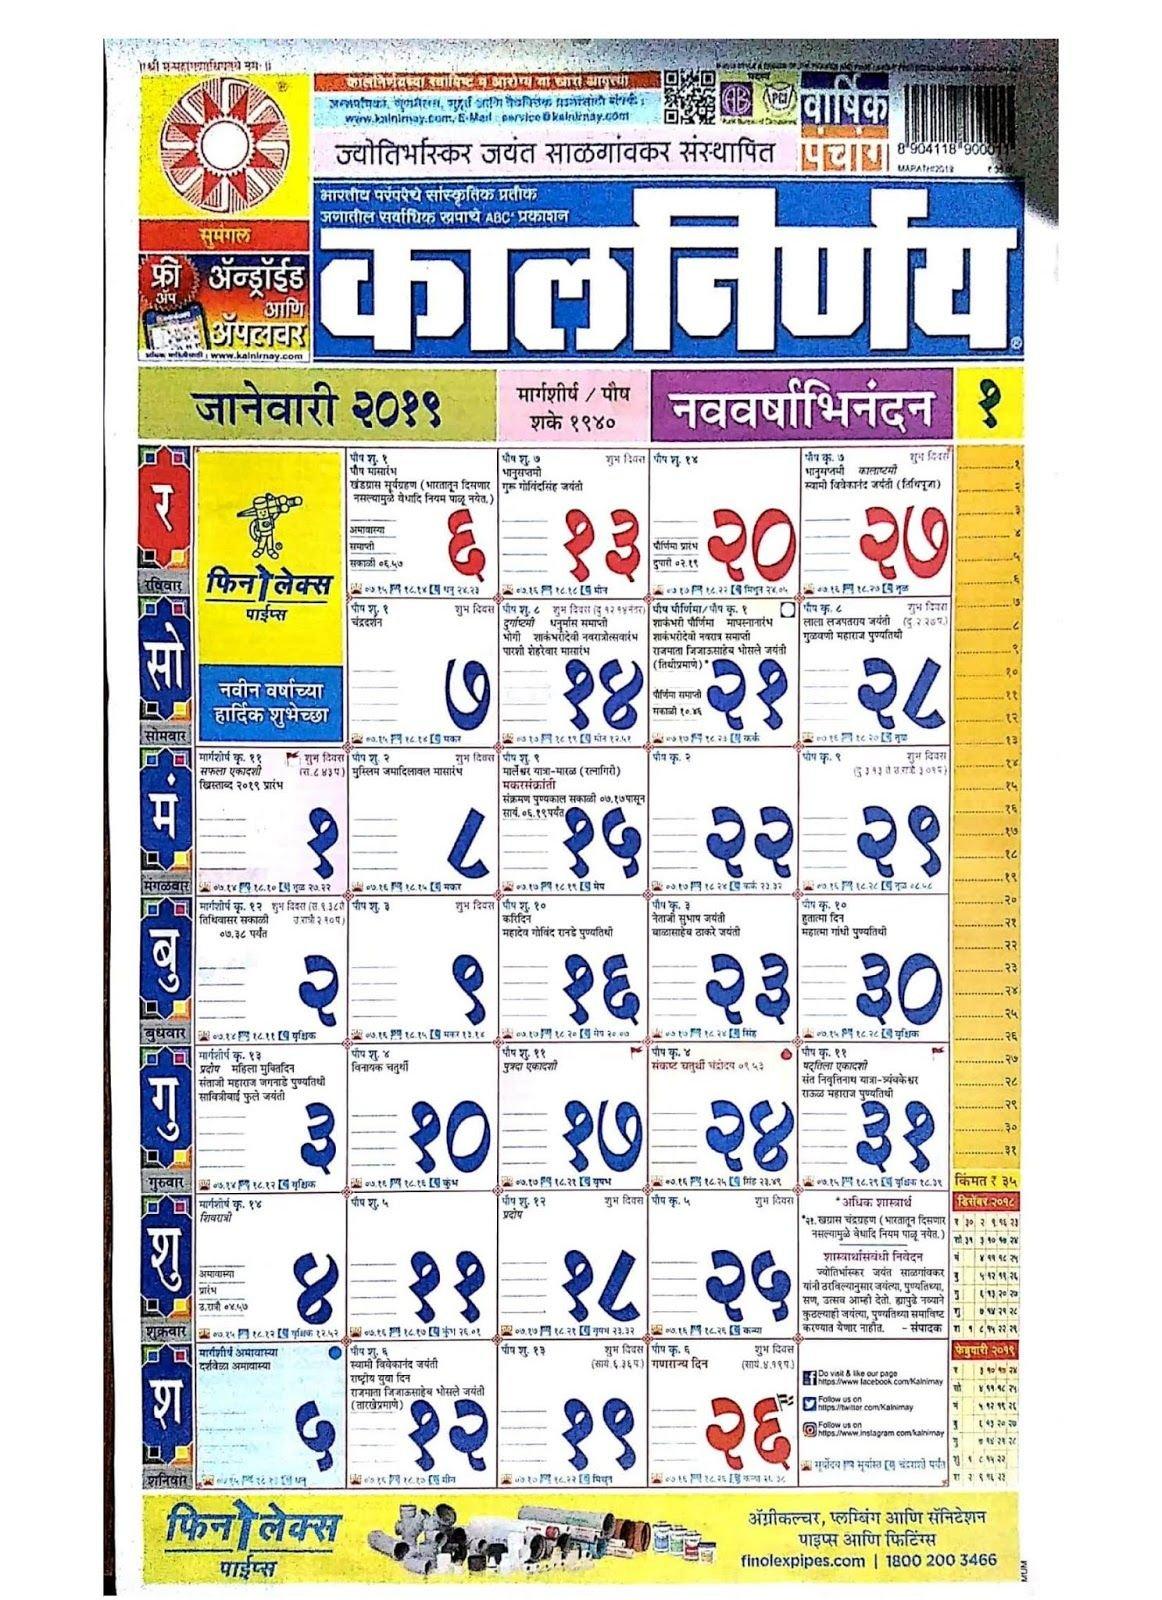 मराठी कालनिर्णय कॅलेंडर २०१९ - Marathi Calendar 2019 Kalnirnay